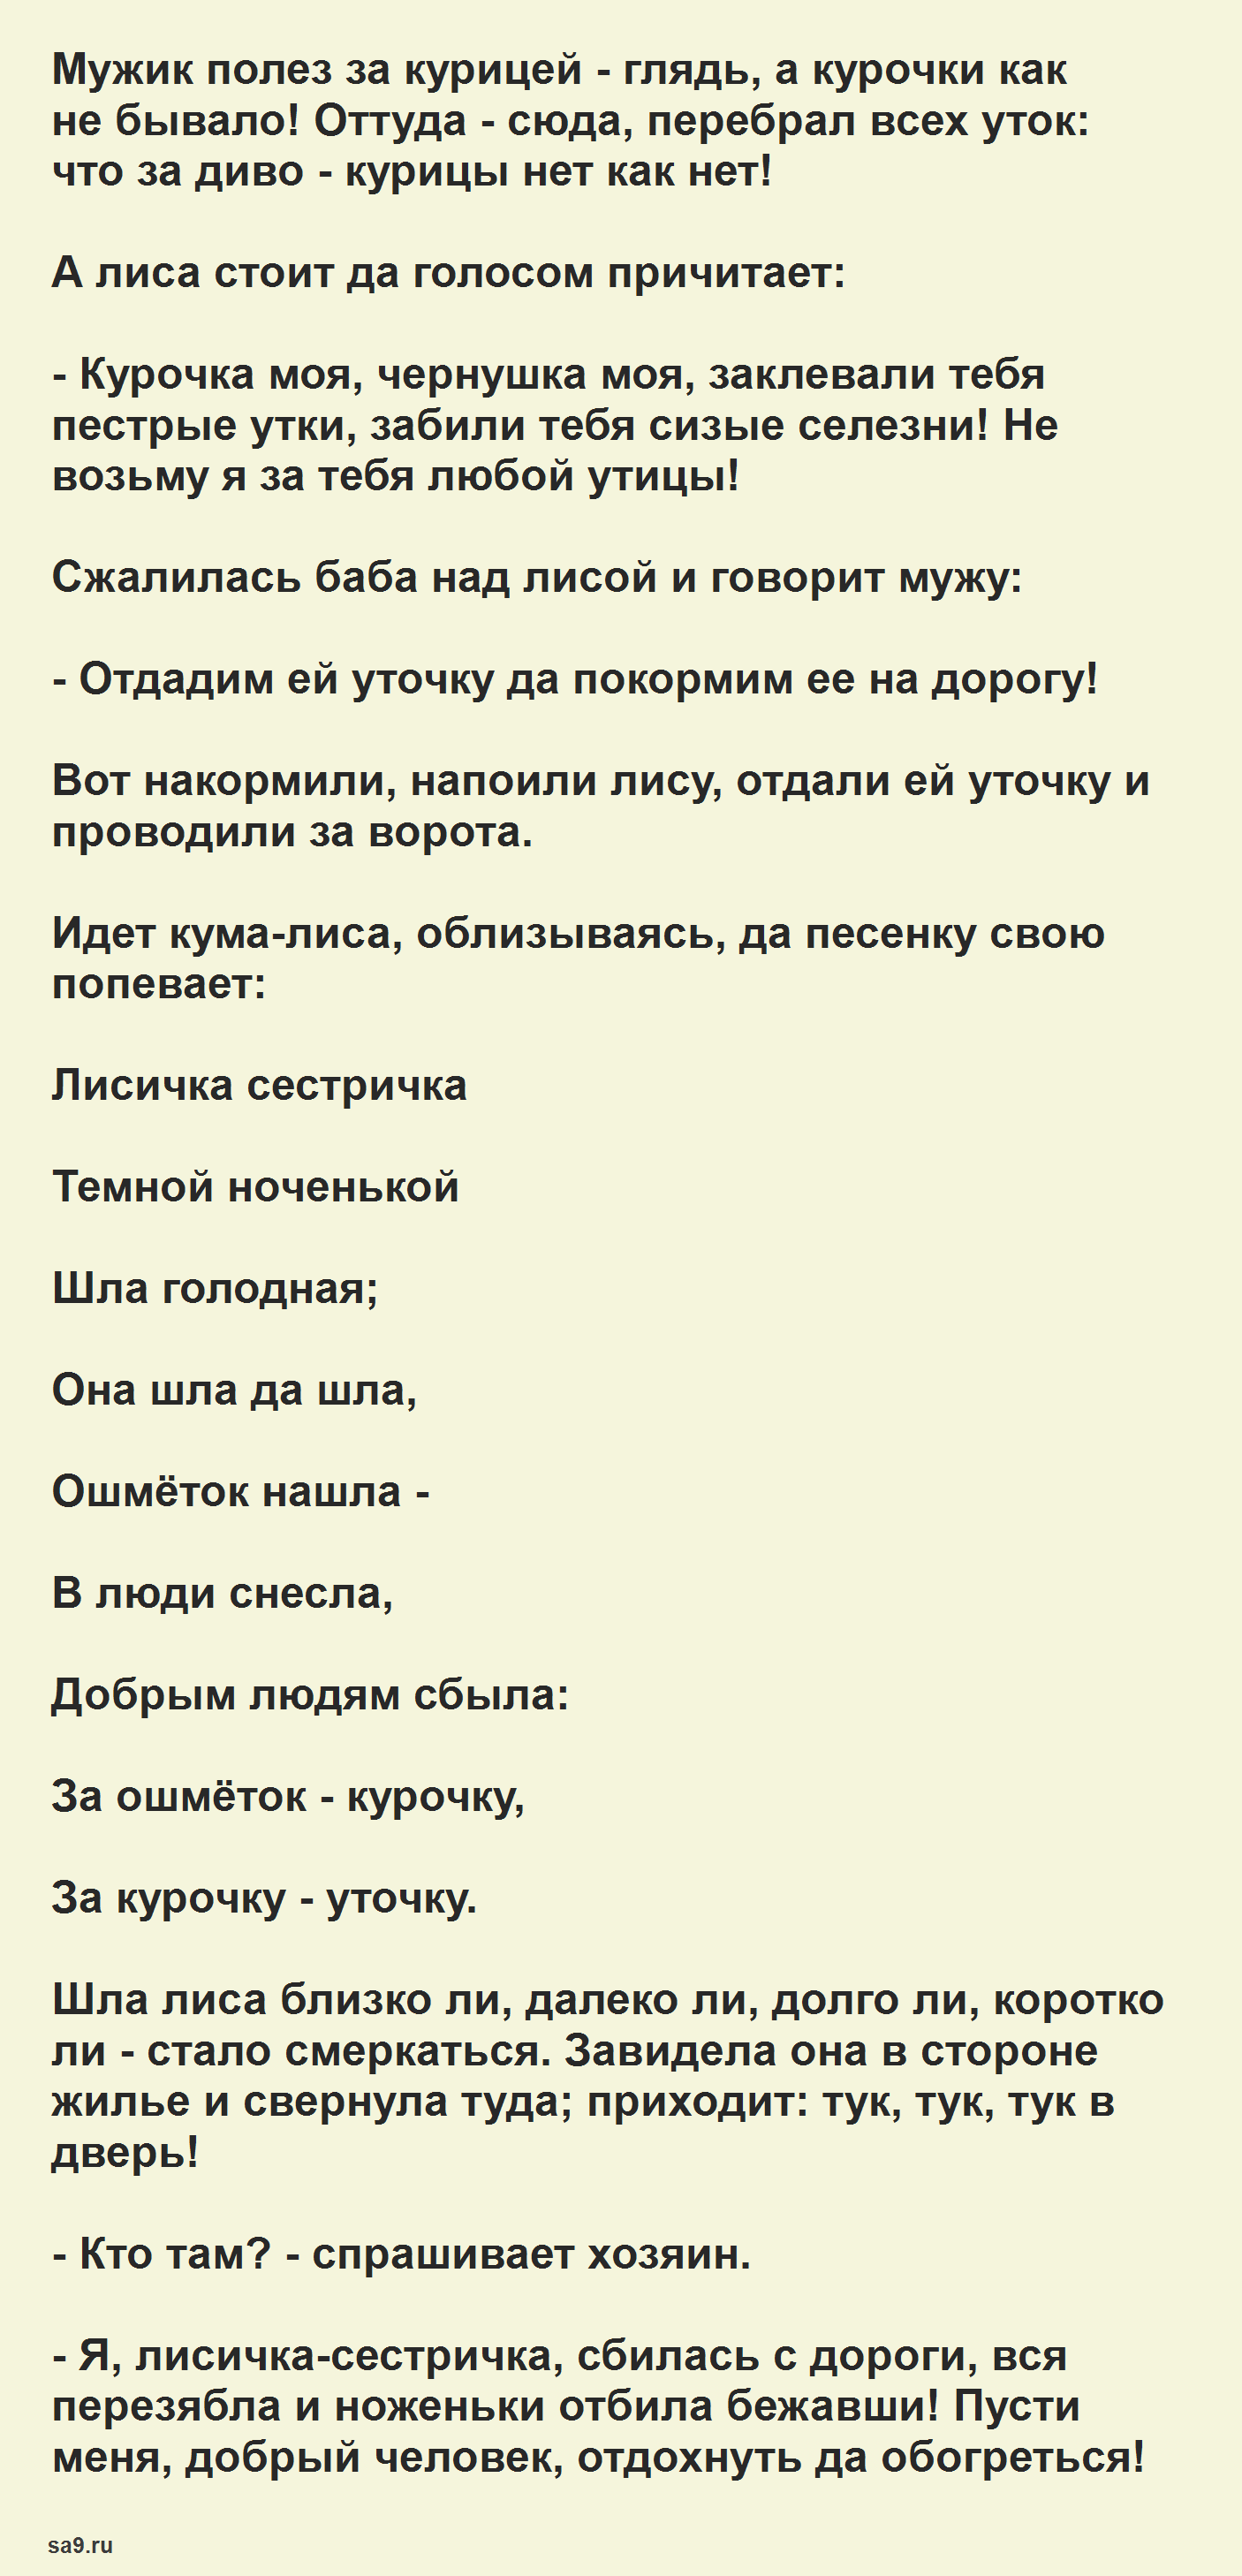 Читать интересную сказку - Лиса лапотница, Даль